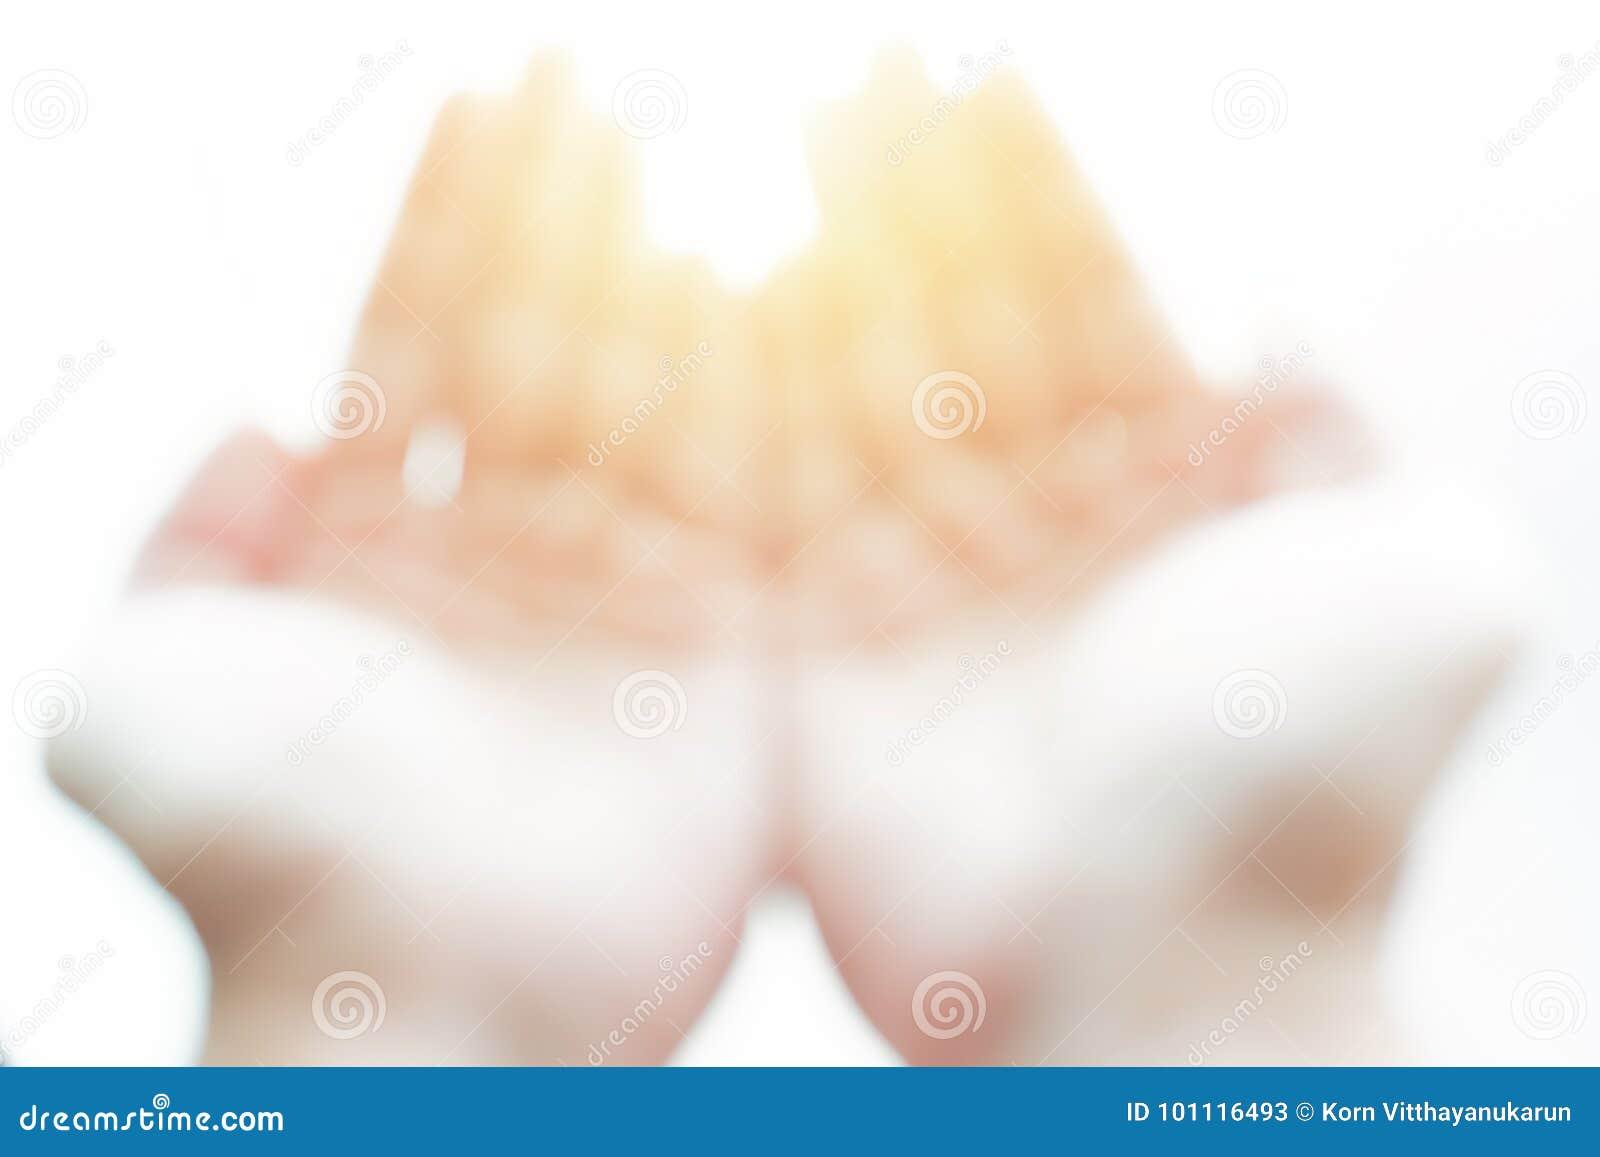 Η ανοικτή παλάμη χεριών θαμπάδων στο λευκό με το μαγικό φως ρωτά το Θεό ή το δώρο από την έννοια ουρανού